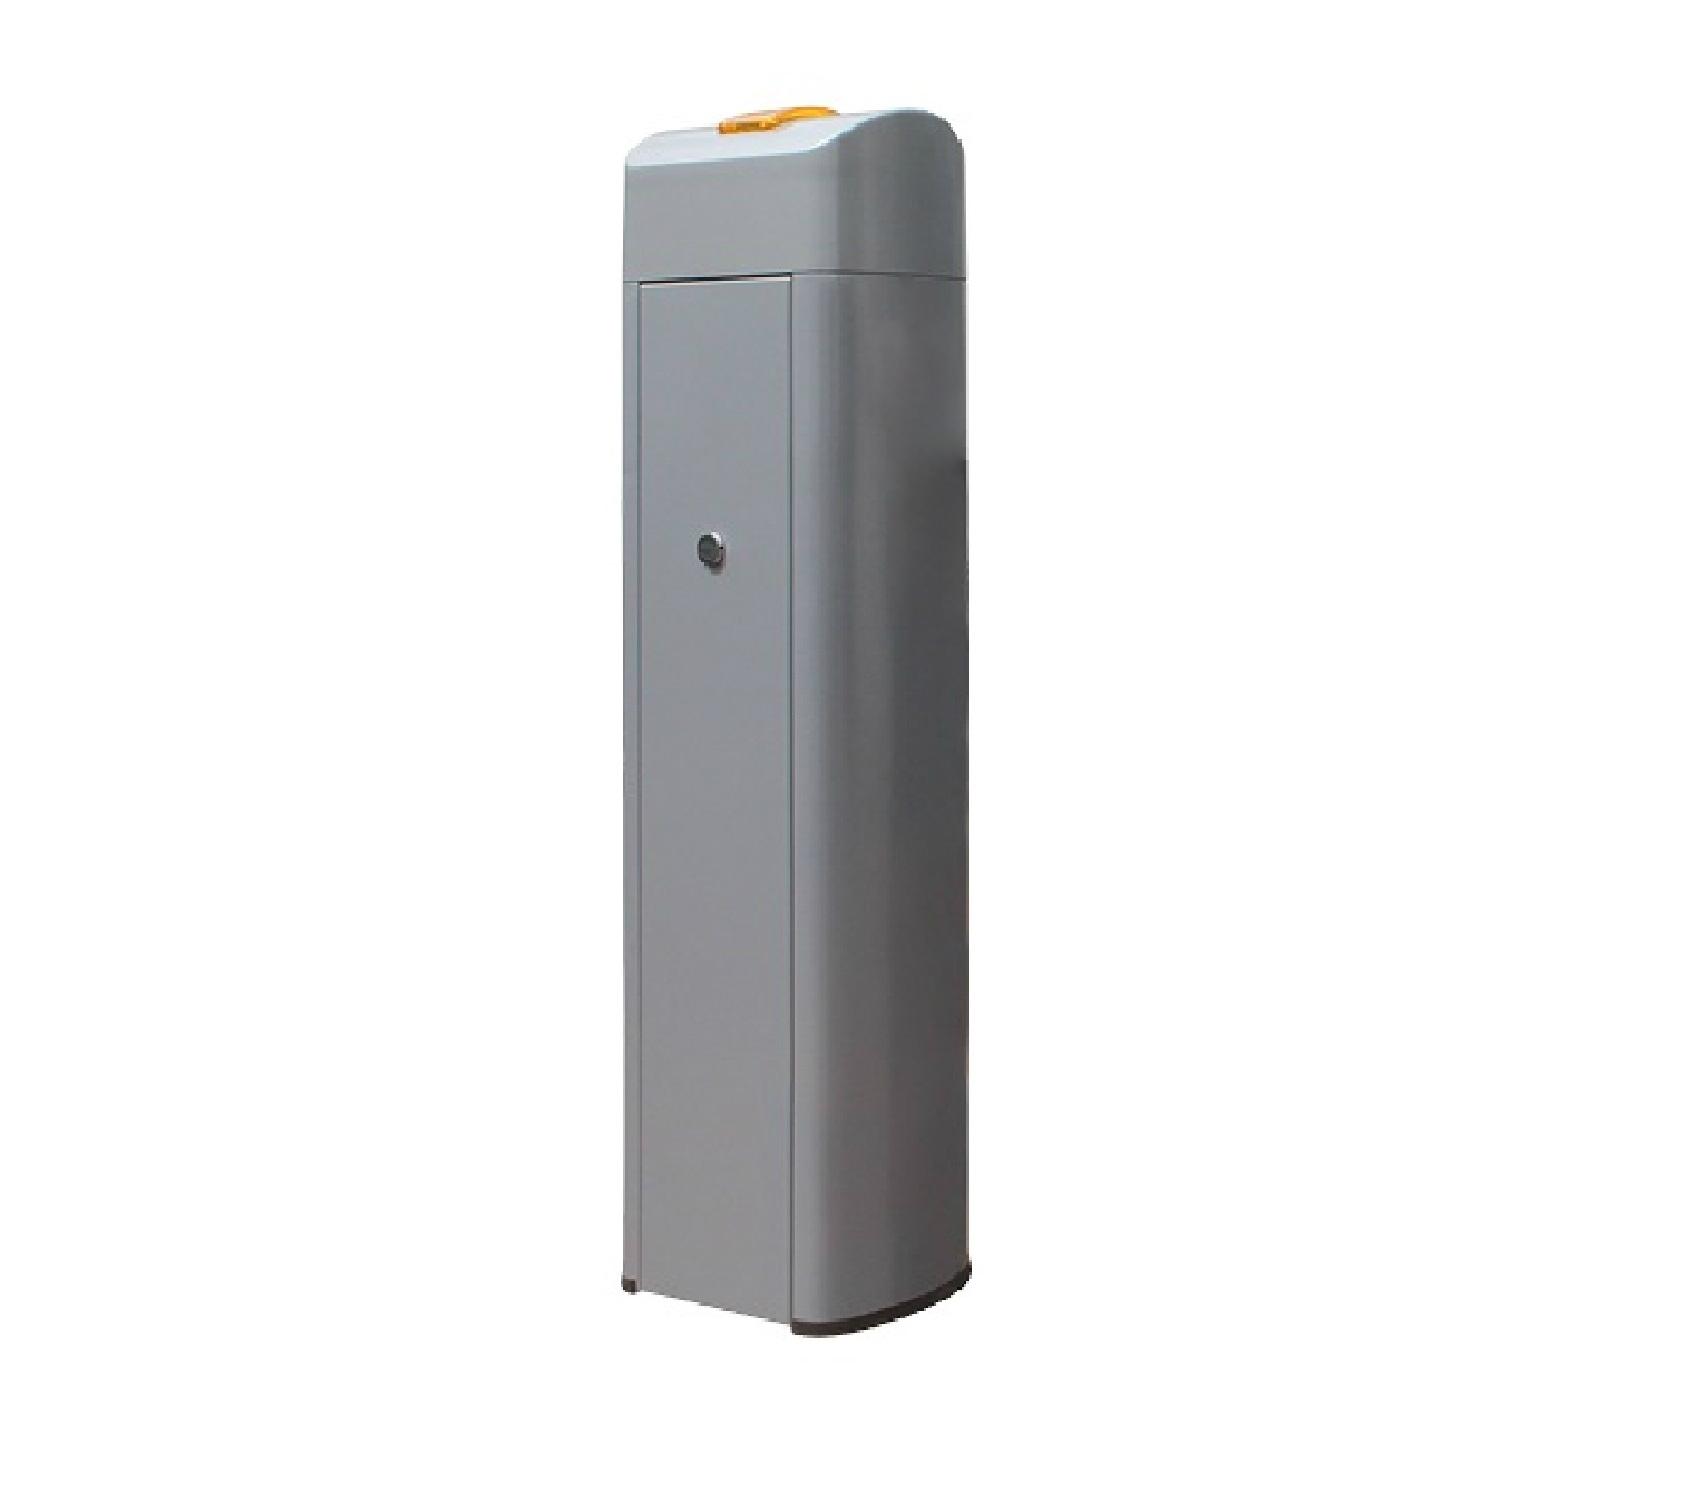 картинка Стойка шлагбаума BARRIER-N, в корпусе из нержавеющей стали от интернет магазина Точка доступа